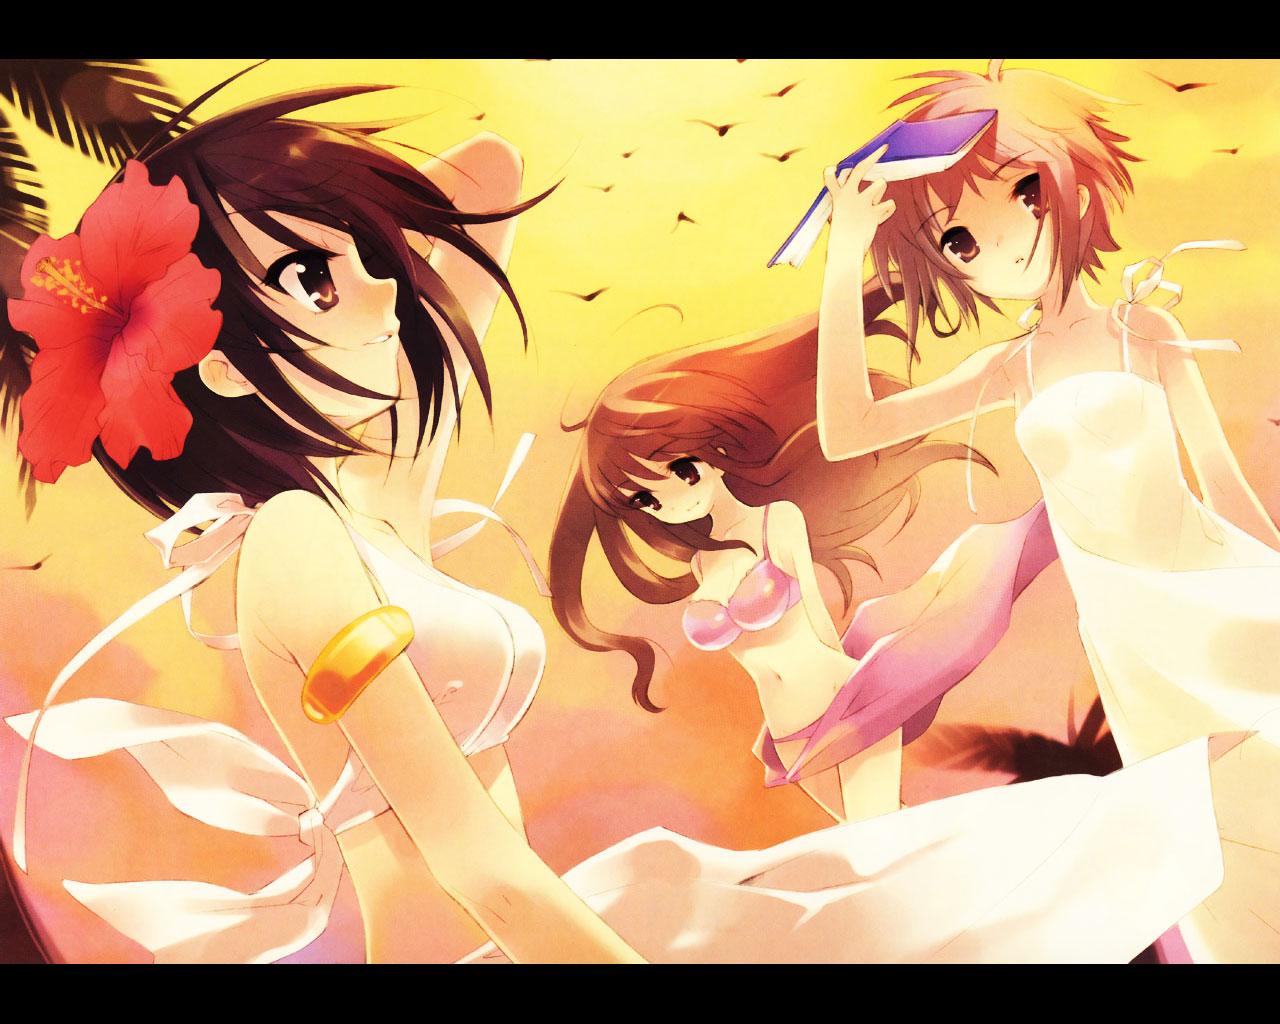 asahina_mikuru book itou_noiji nagato_yuki suzumiya_haruhi suzumiya_haruhi_no_yuutsu yellow